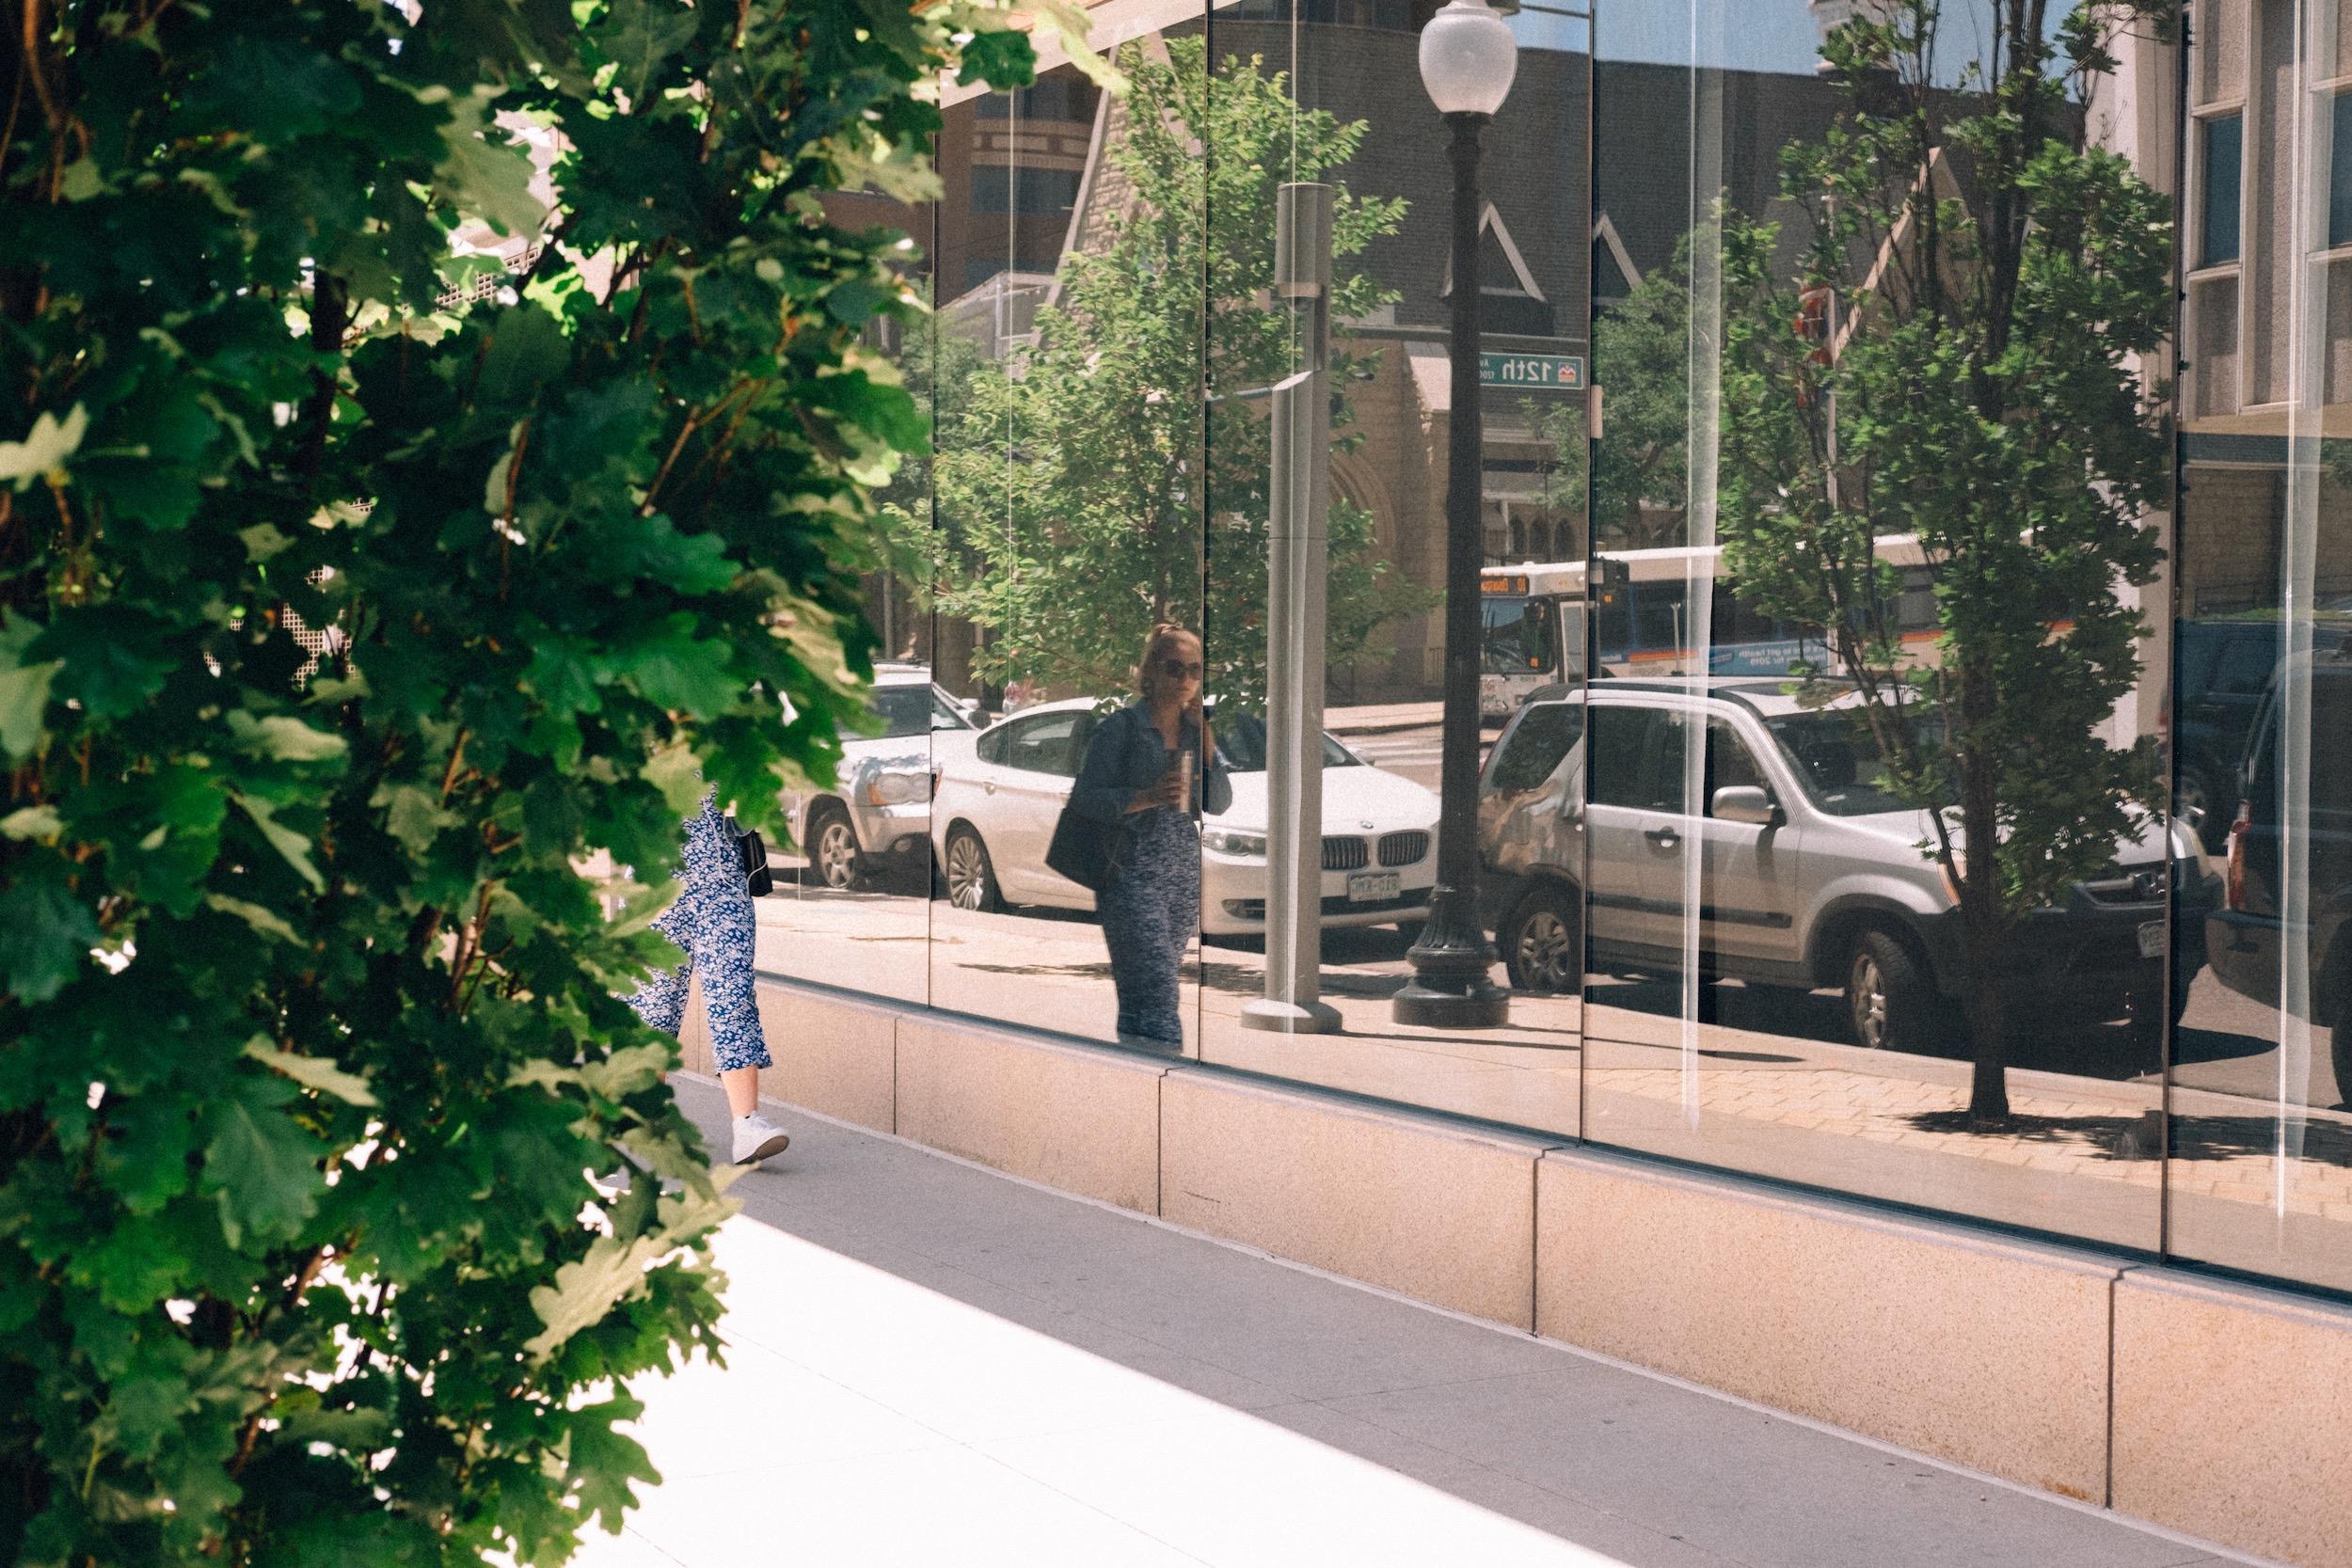 Denver Cap Hill Street Photography - 18.jpeg